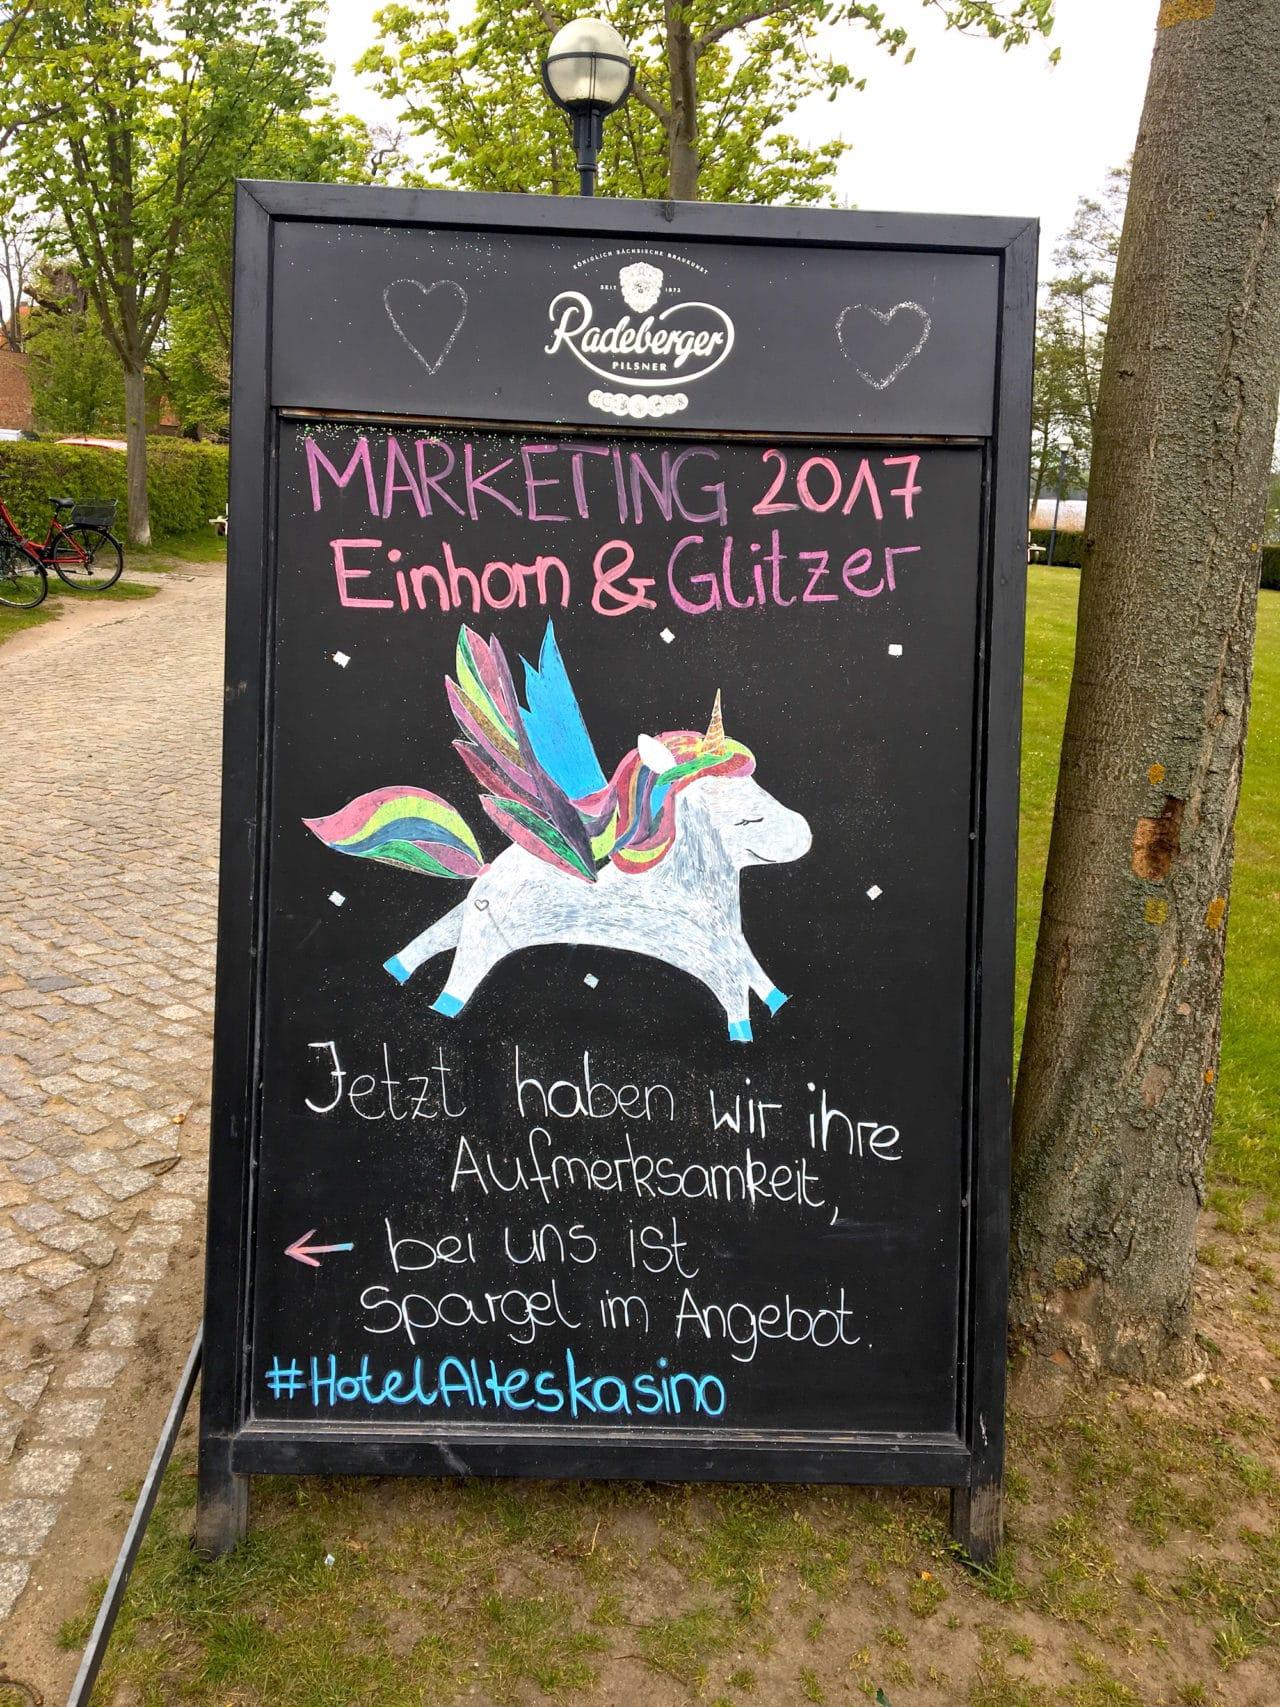 Altes Kasino Marketing www.mesupermom.de